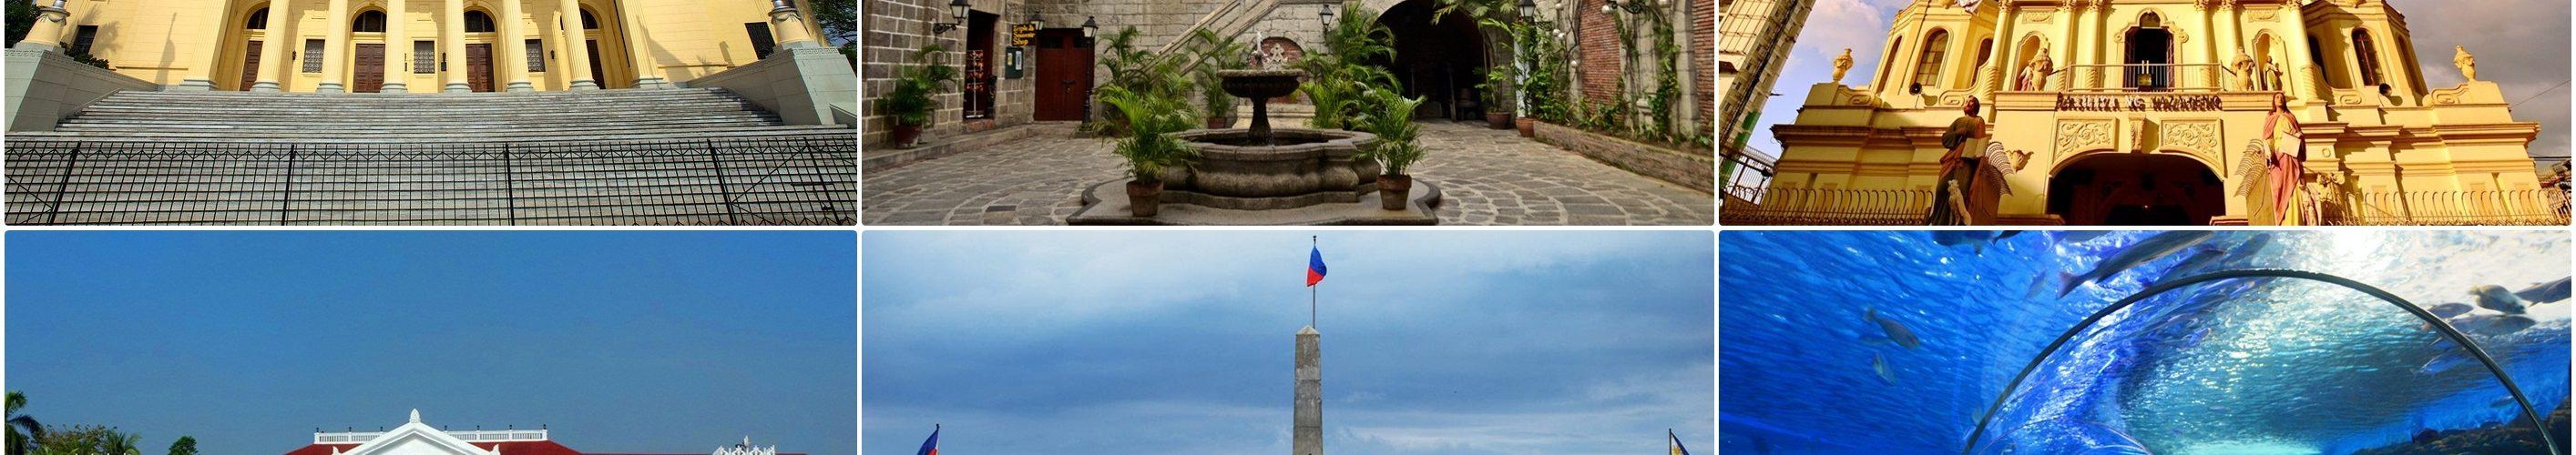 المعالم السياحيه في مانيلا